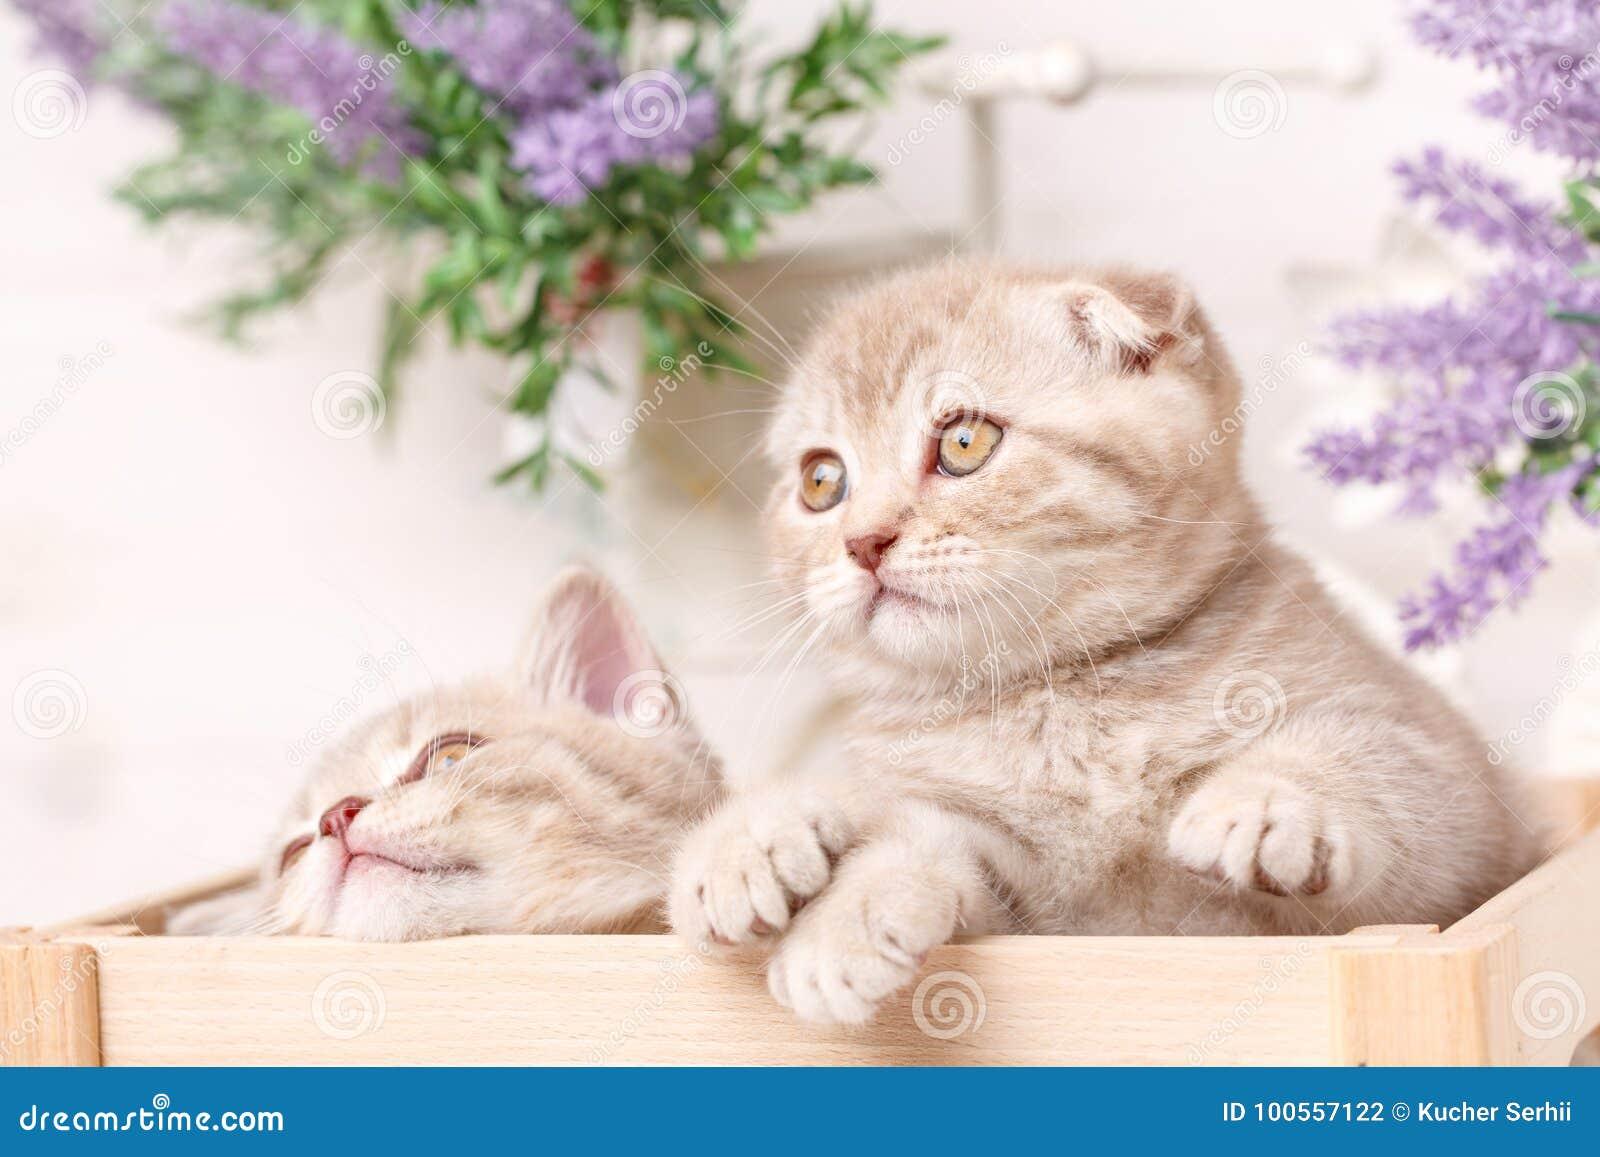 Μερικά σκωτσέζικα κόκκινα γατάκια κάθονται σε ένα διακοσμητικό ξύλινο κιβώτιο